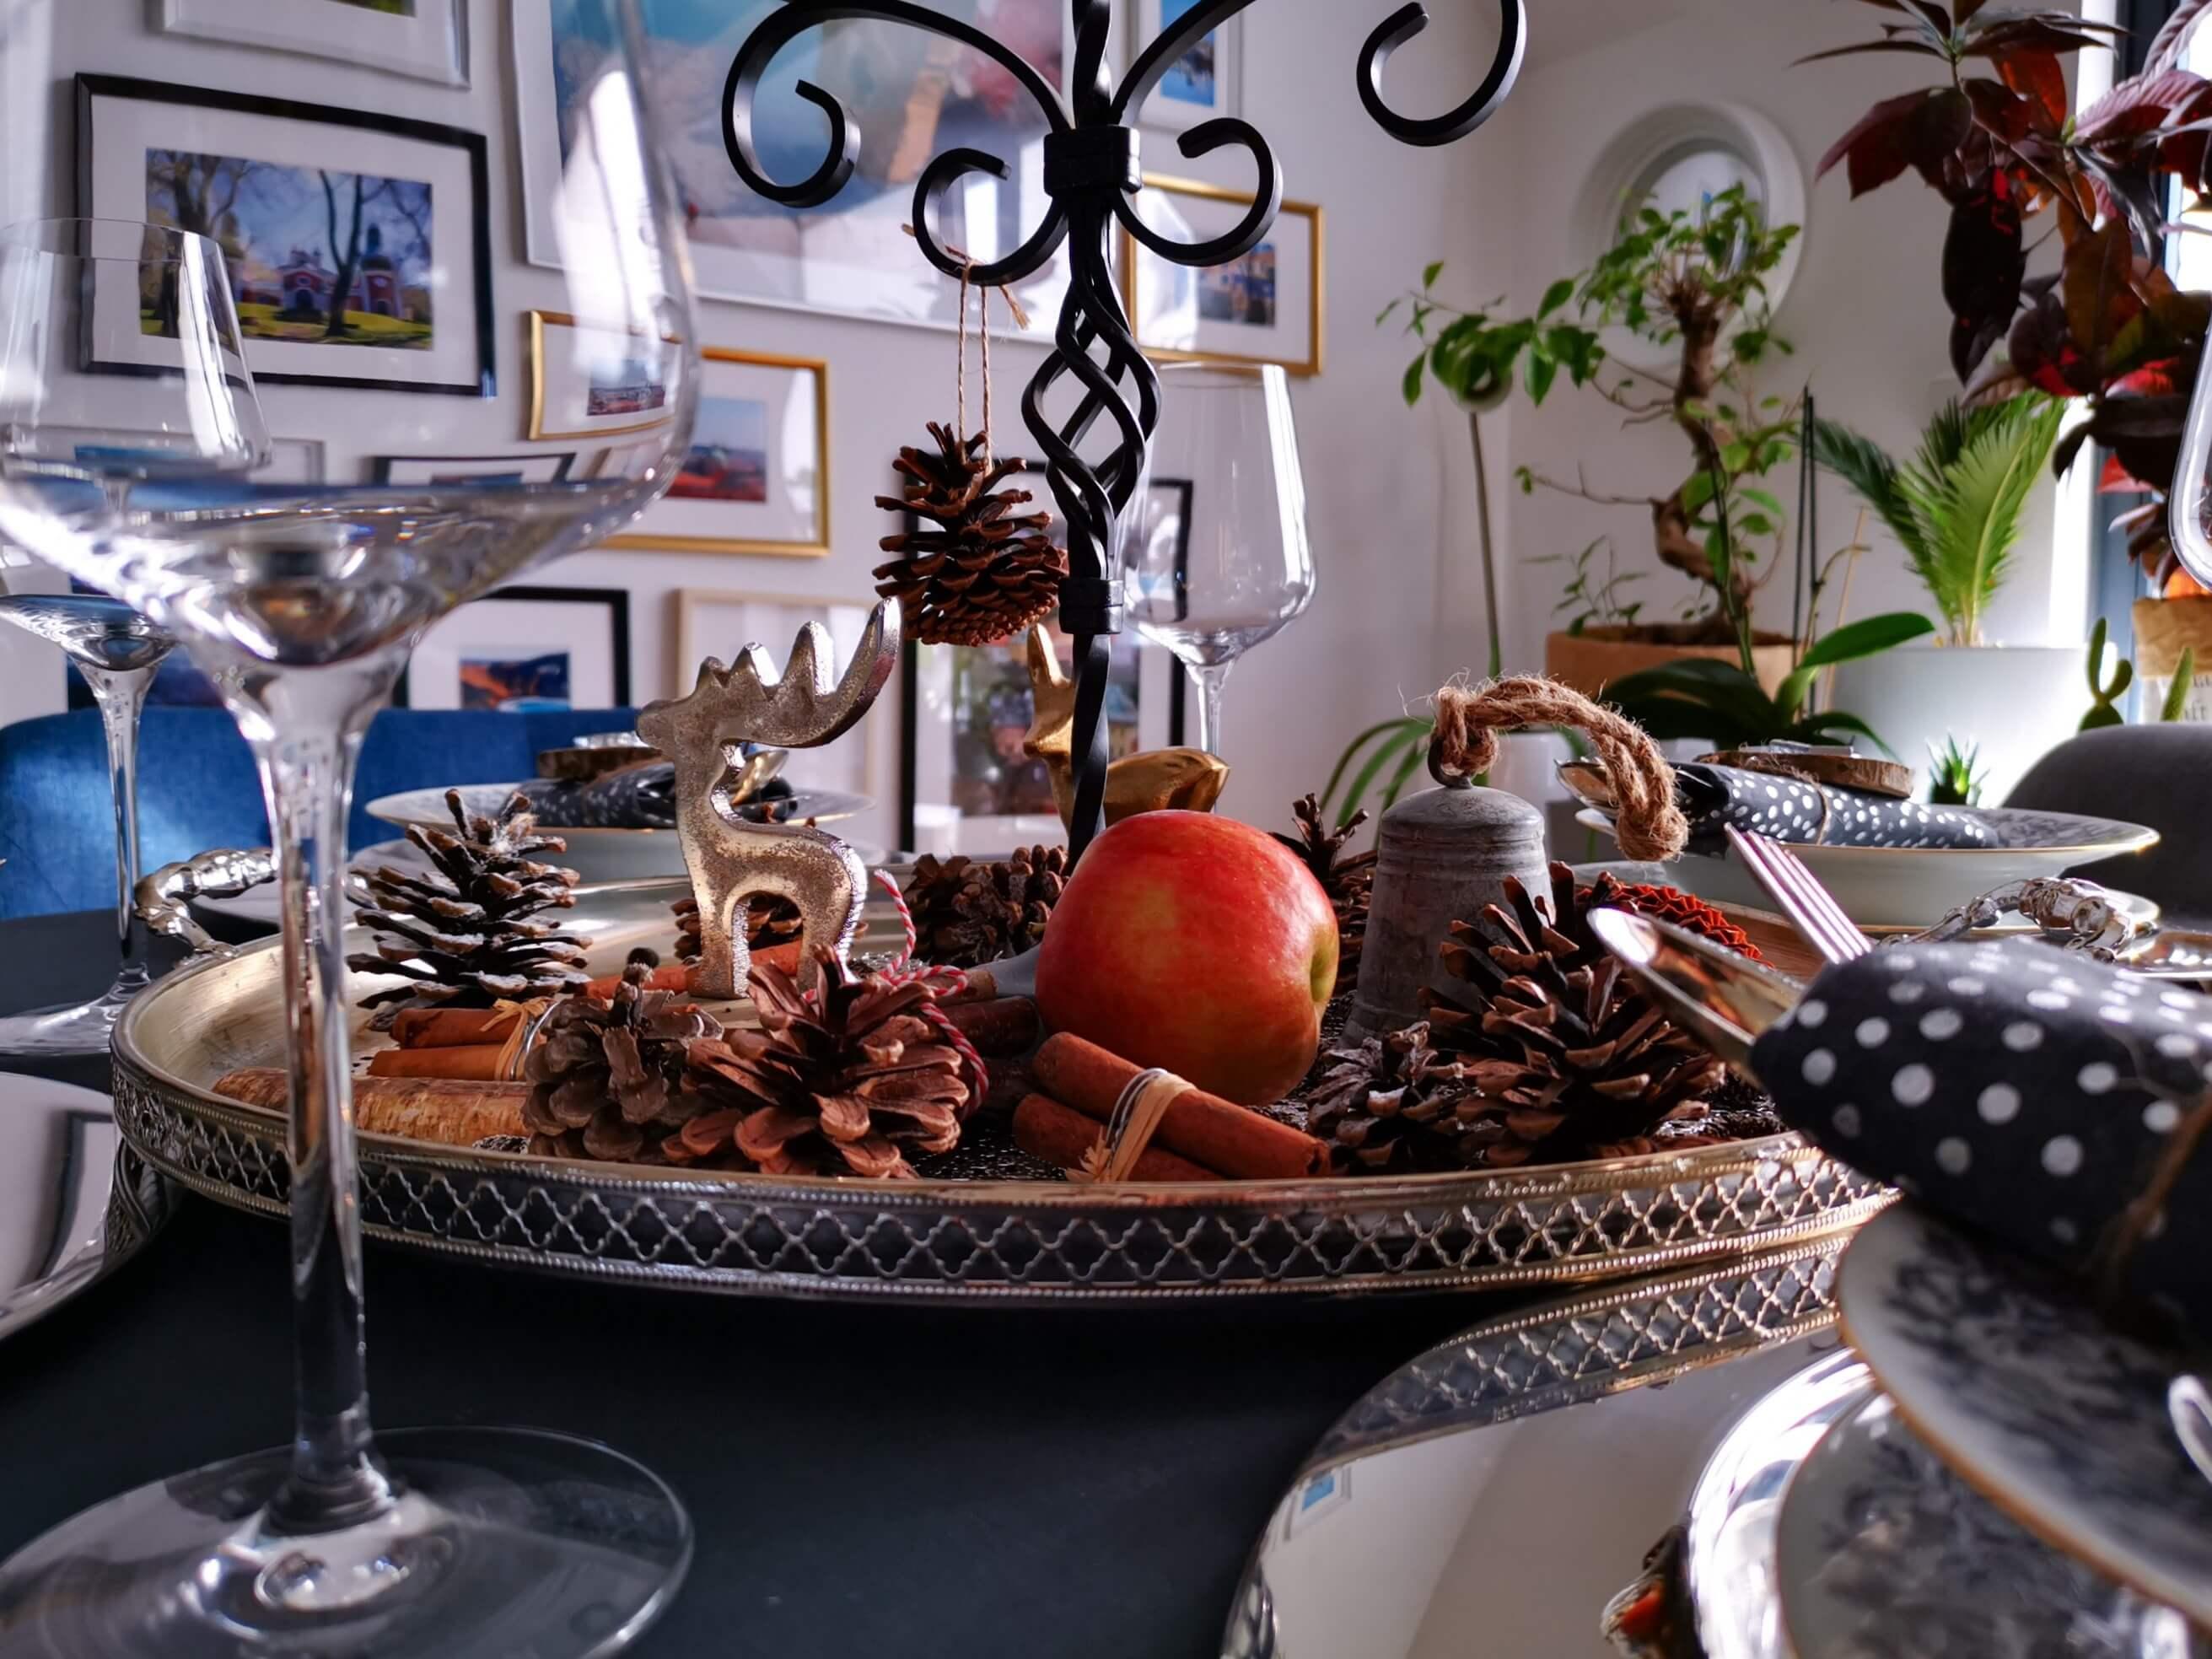 IMG 20191201 133540 resized 20191201 082915751 - Inšpirácia na krásne vyzdobený vianočný stôl